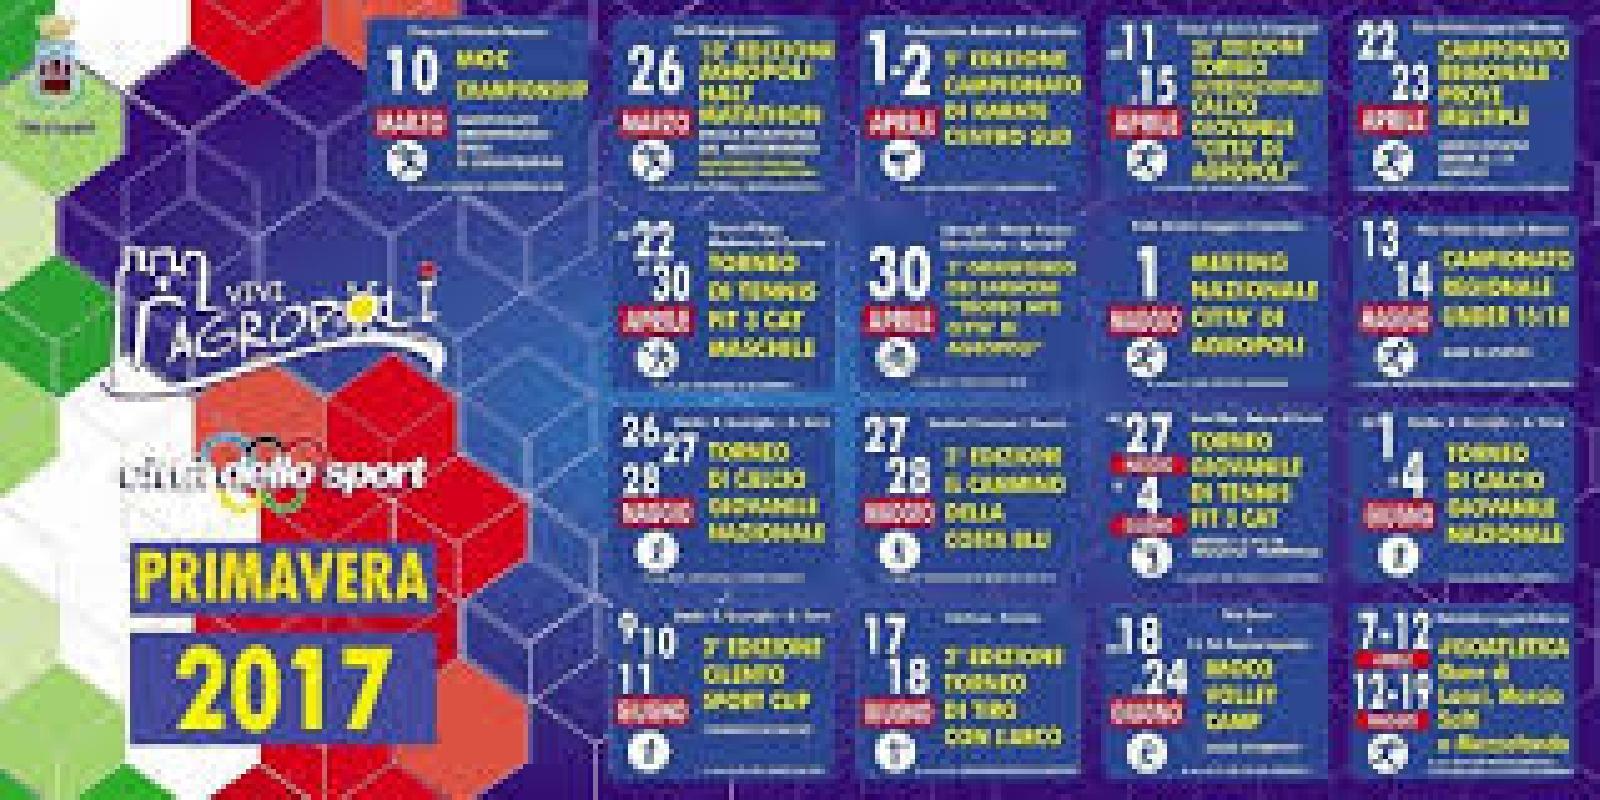 Calendario Sportivo.Calendario Sport Ikbenalles